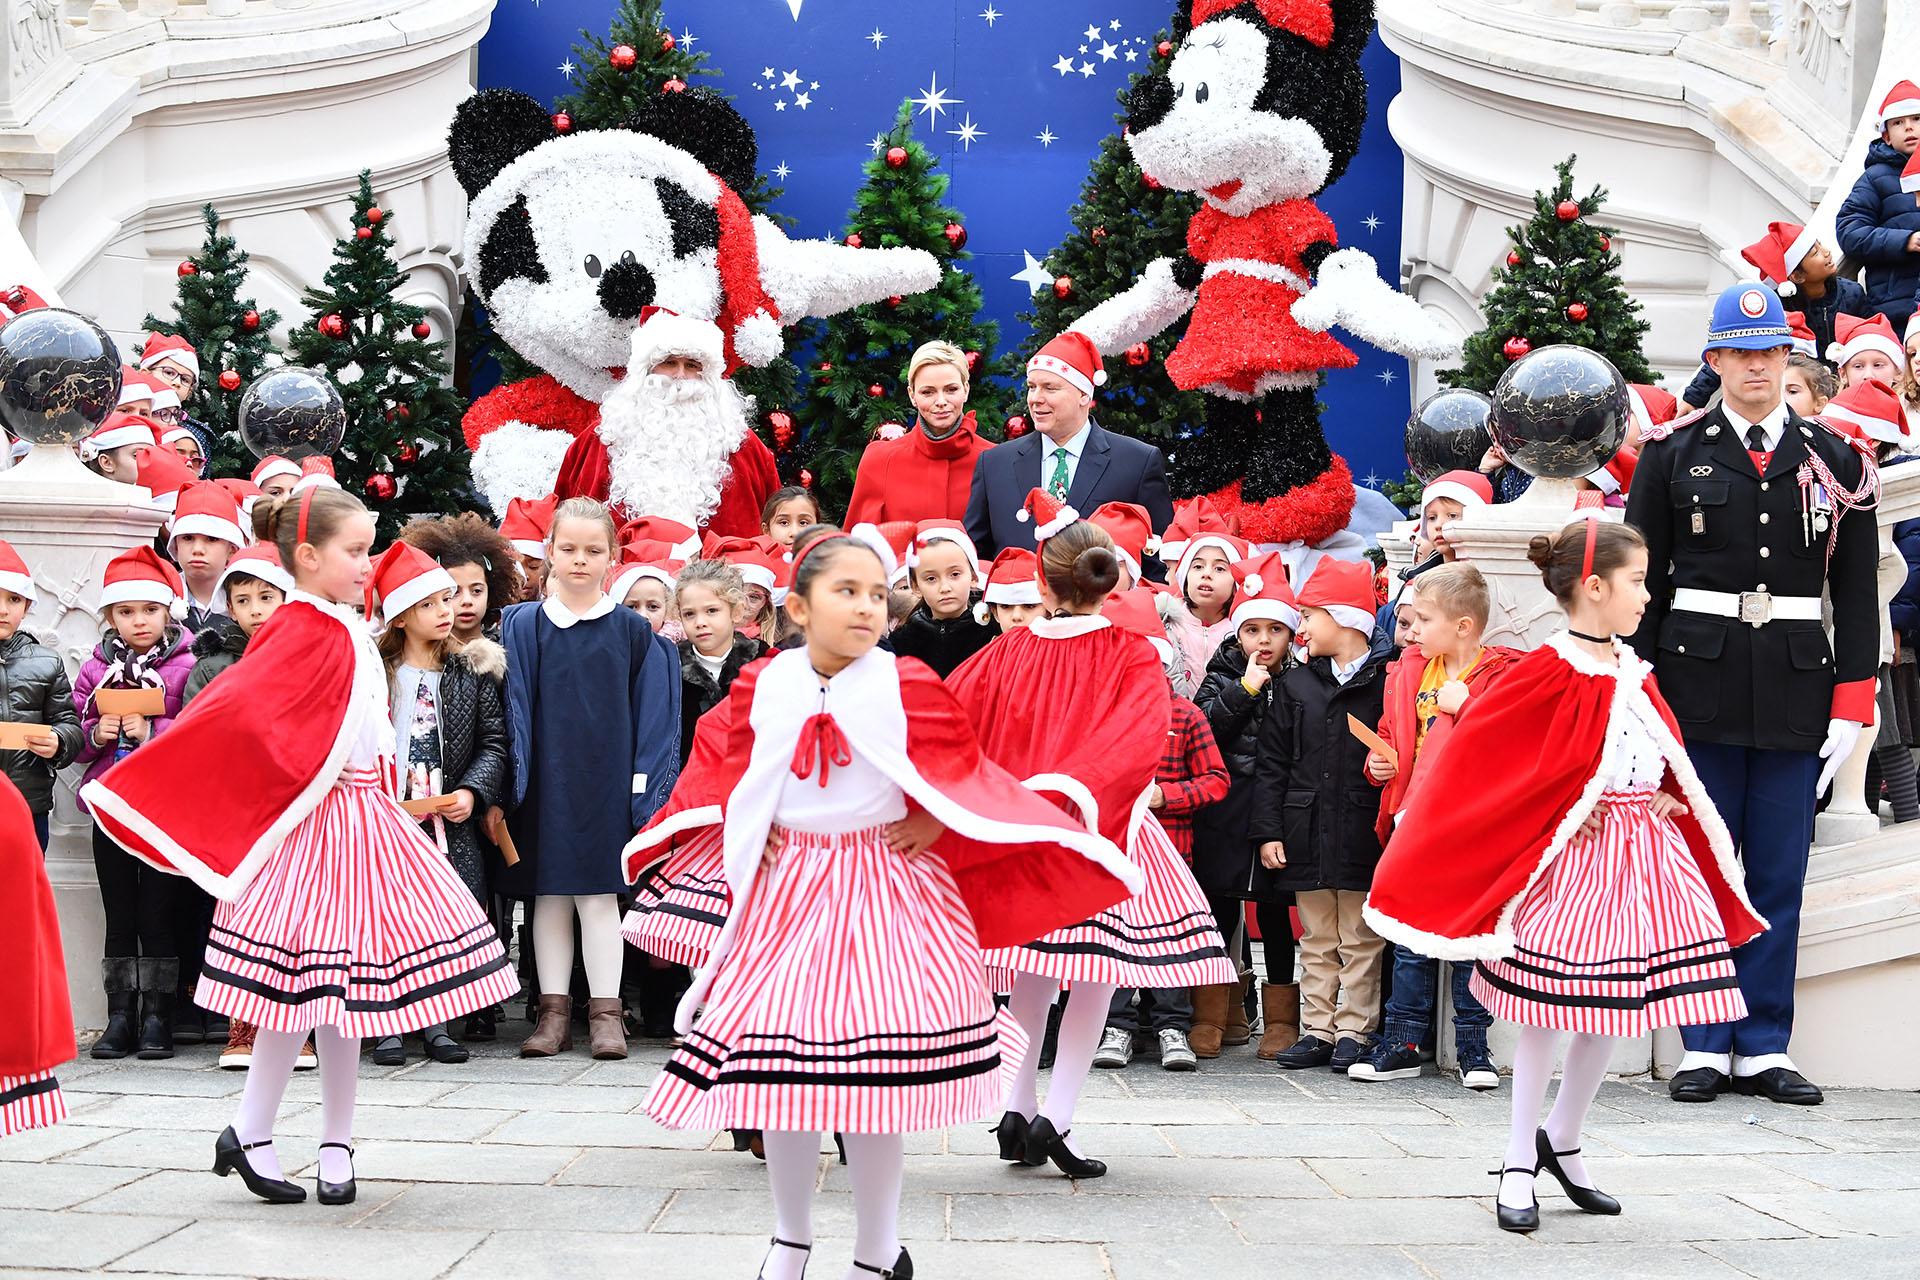 Además de los regalos, los chicos bailaron y pasaron una jornada a pura diversión, anticipando la Navidad